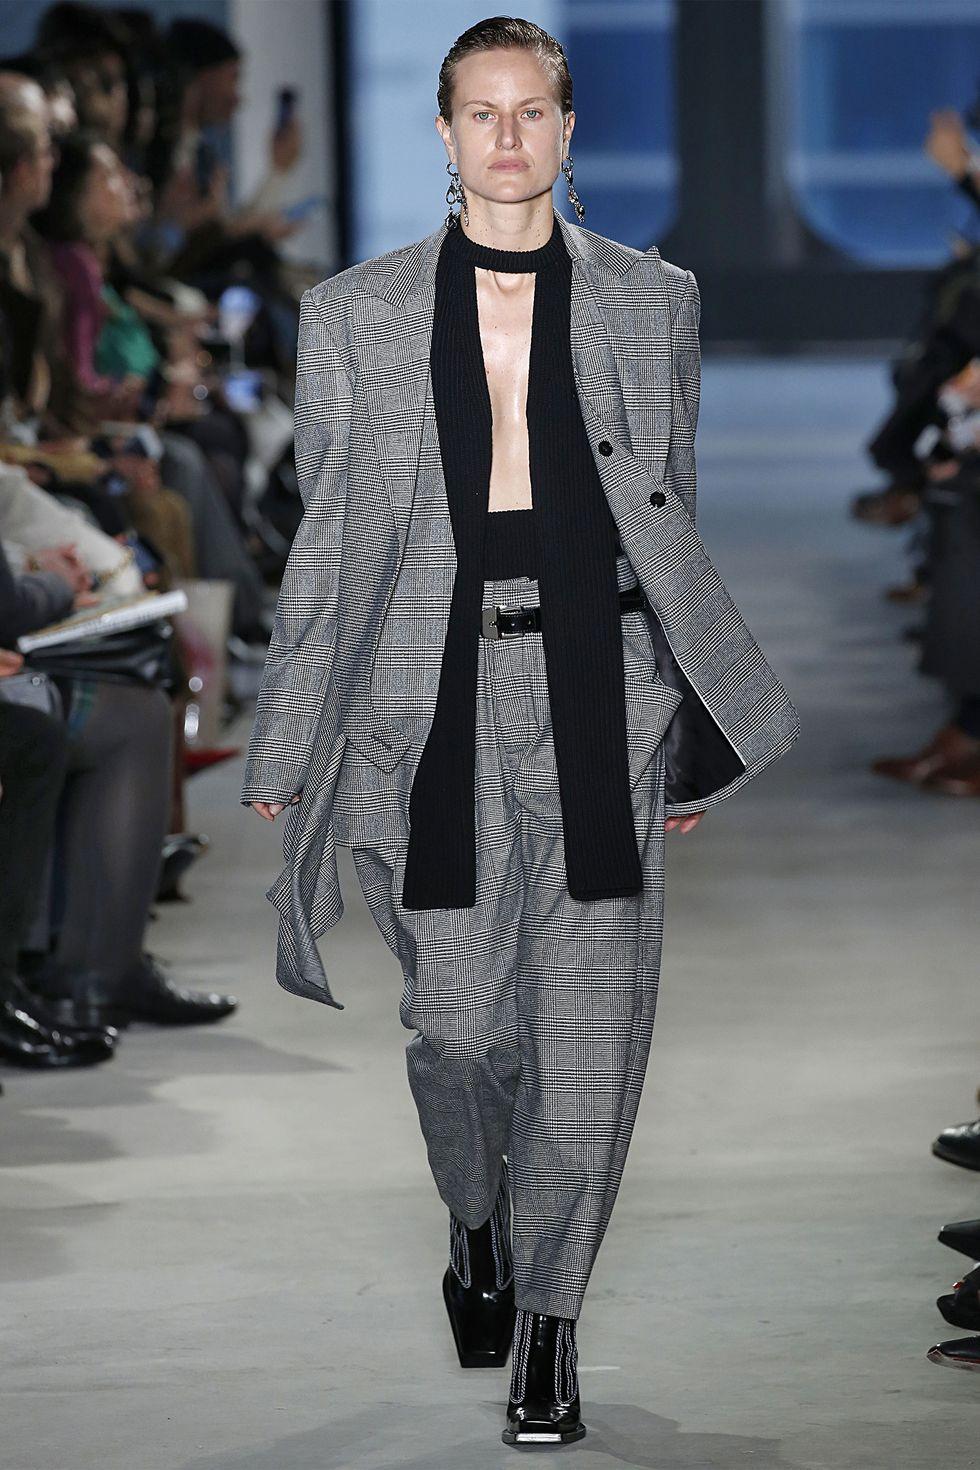 تصميمات مميزة للبدل النسائية خلال أسبوع الموضة بنيويورك 2019